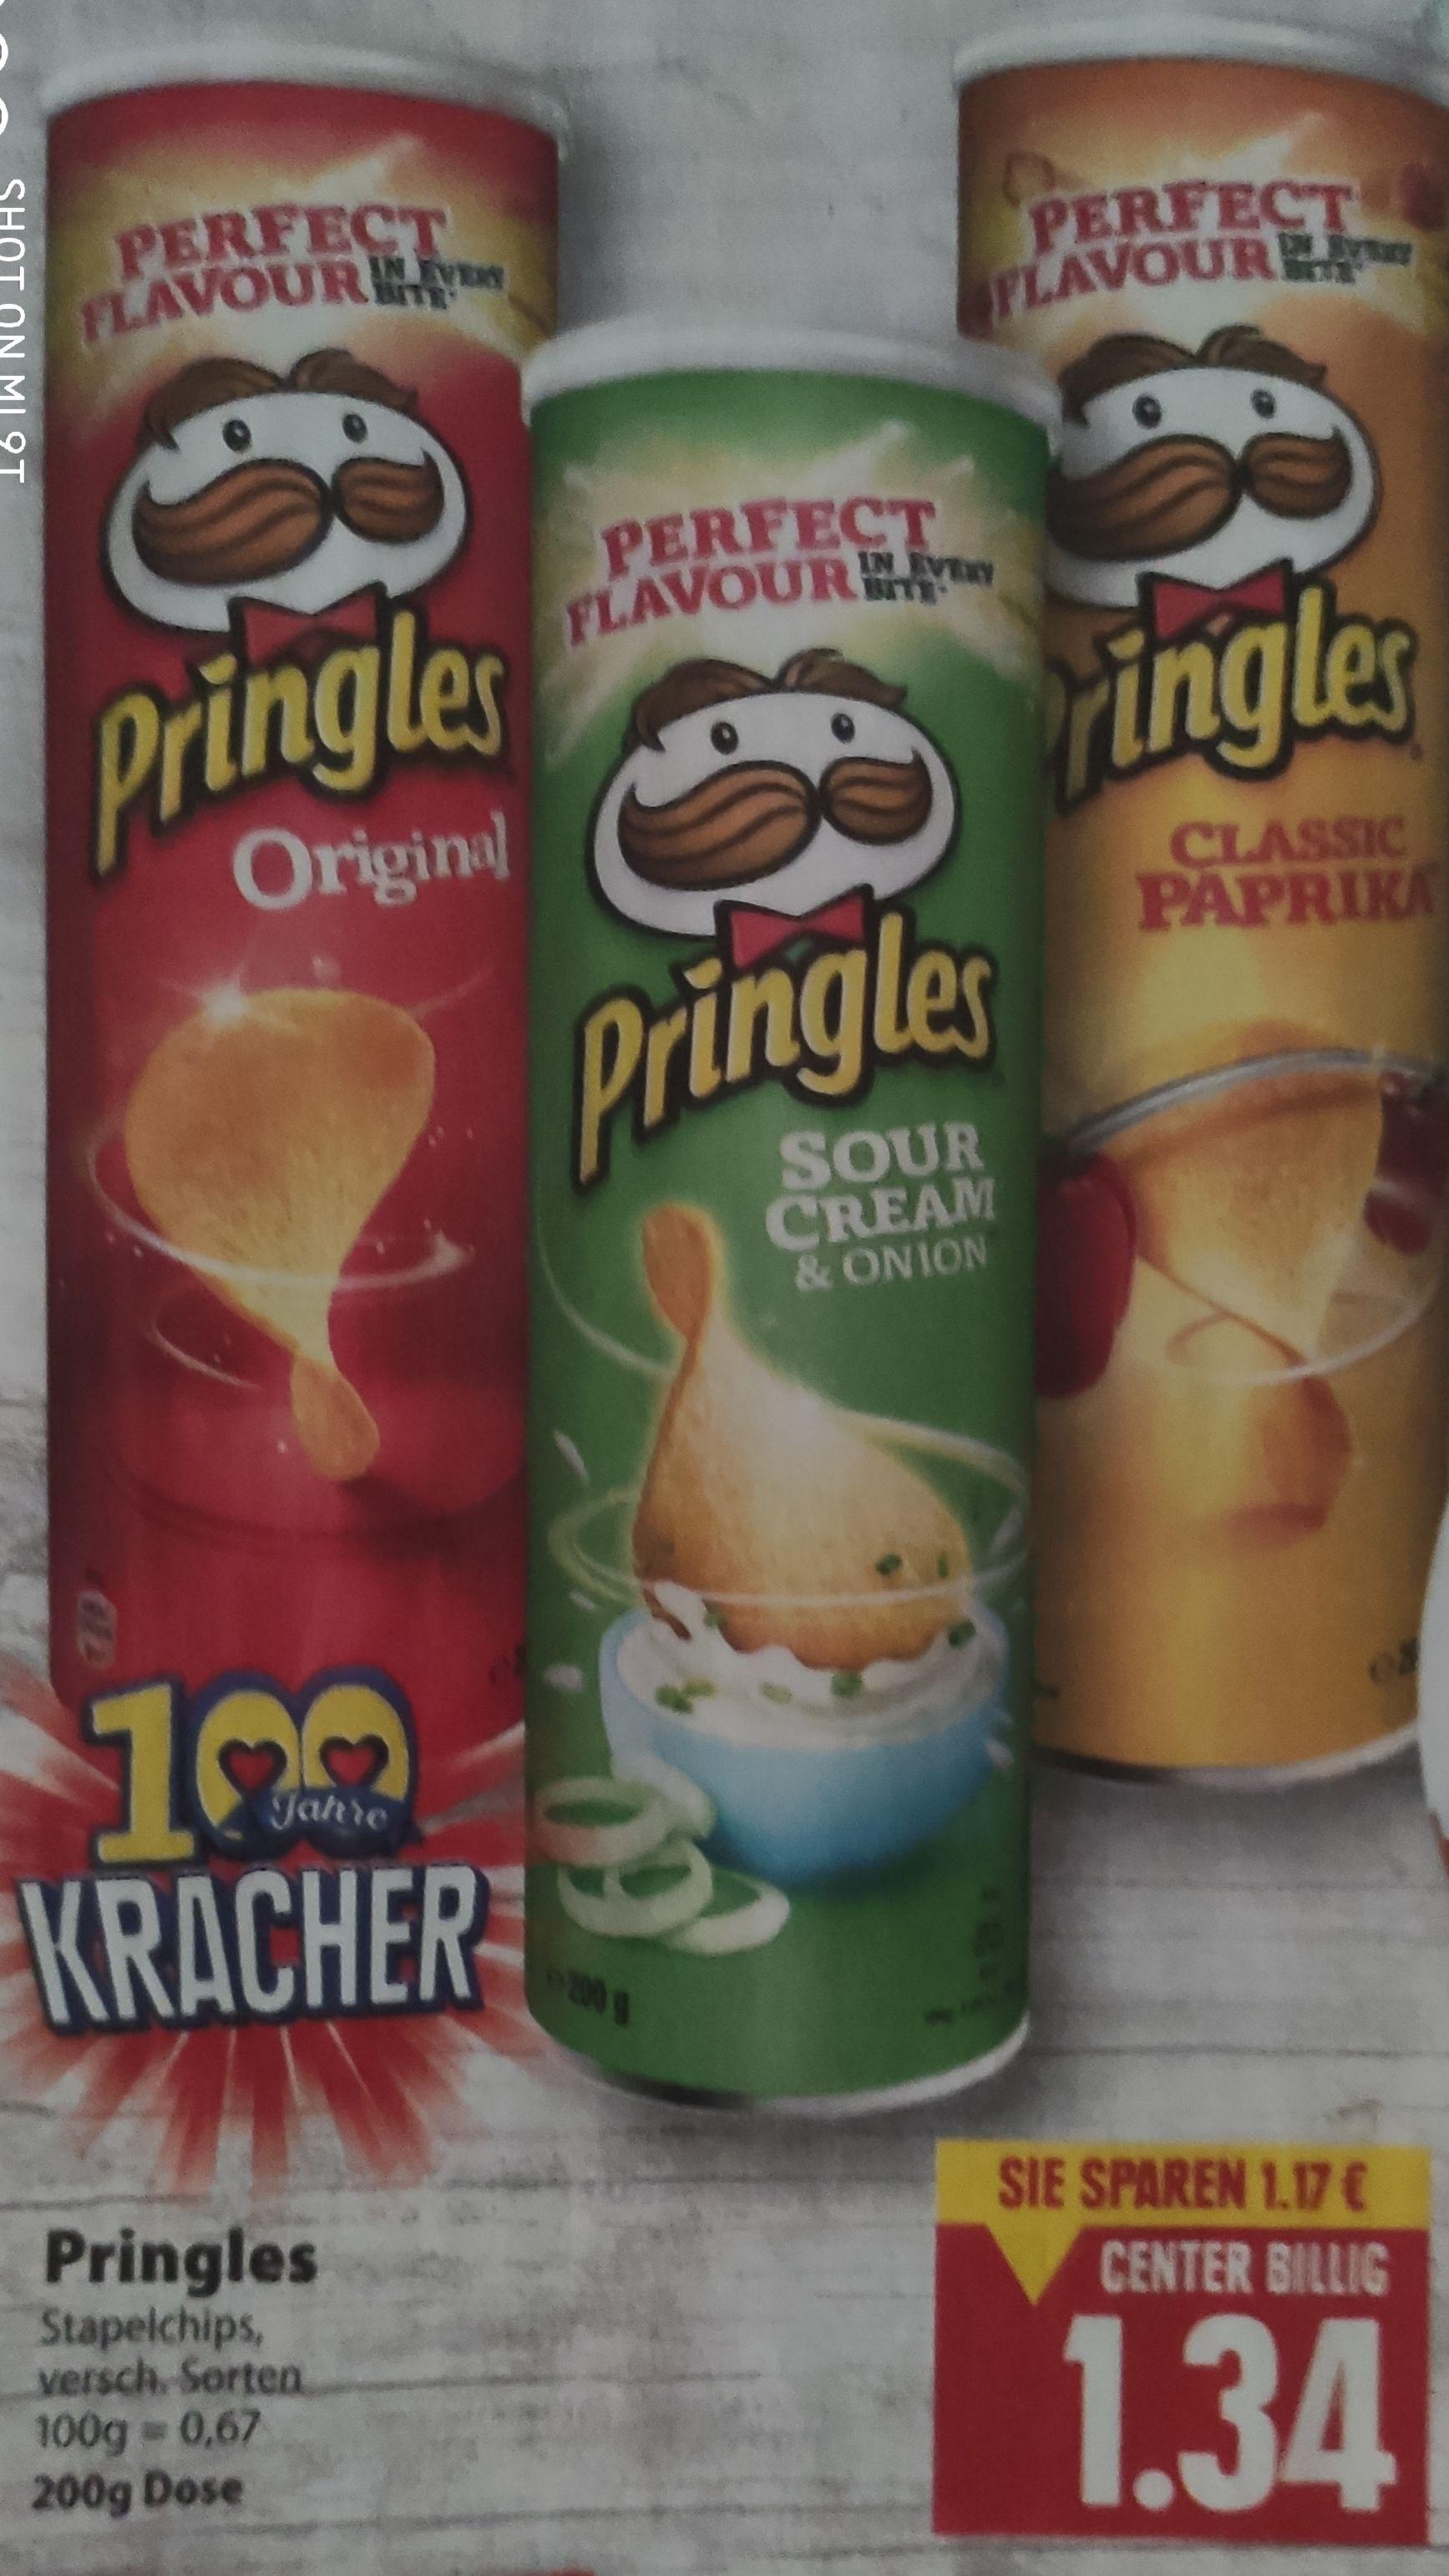 [Edeka Center Minden-Hannover/Südbayern/Südwest/Nord] Pringles verscheidene Sorten dank Reebate Cashback für effektiv 1,04€